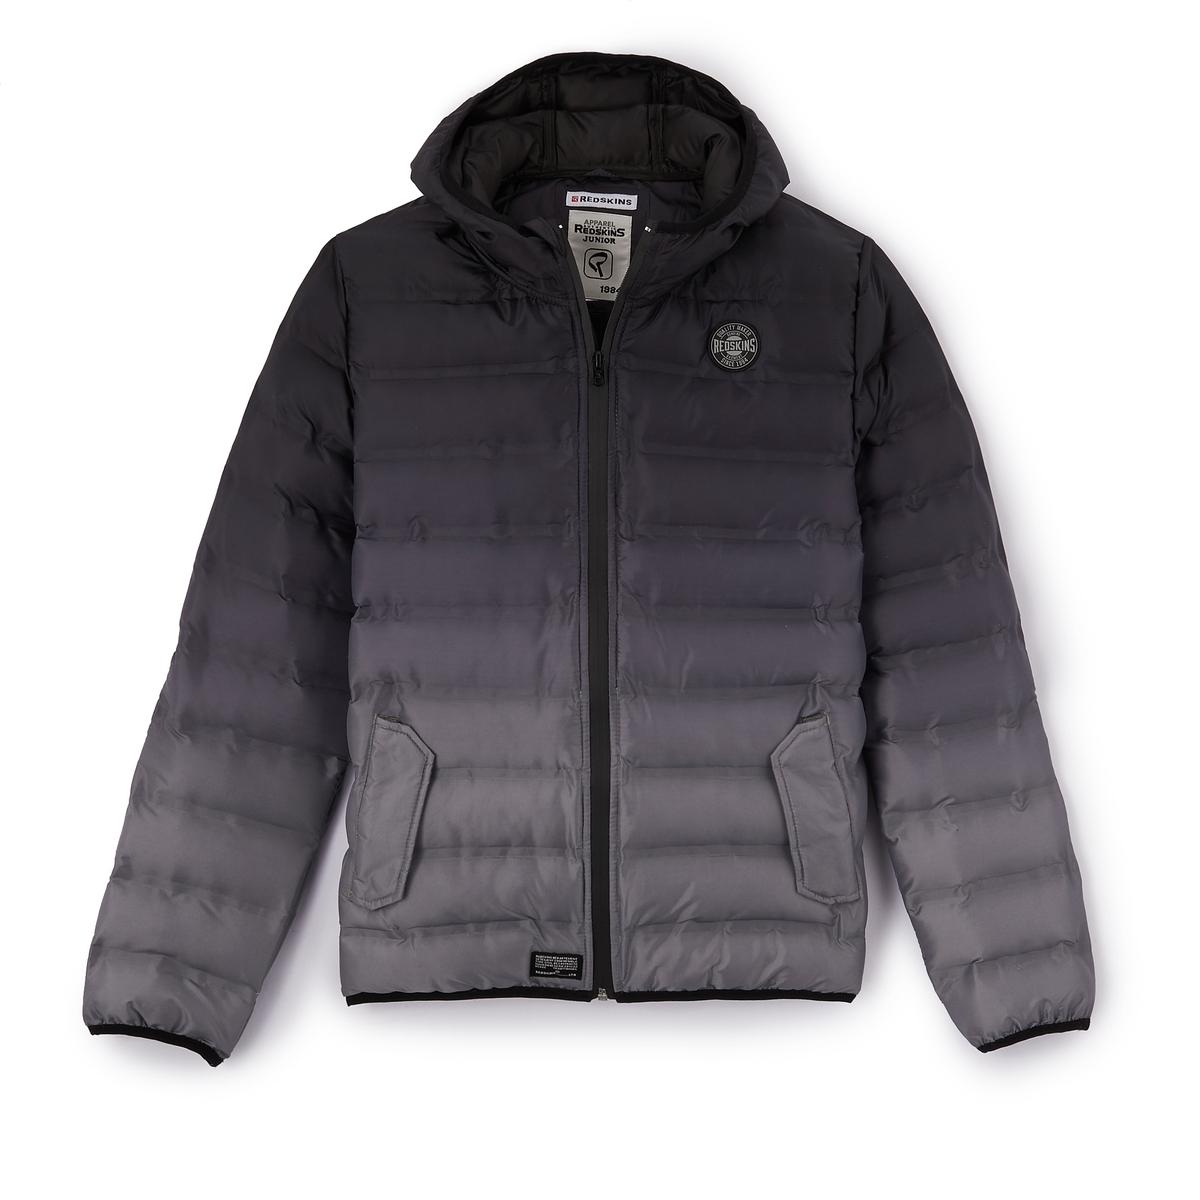 Куртка стеганая с капюшоном 10 - 16 летОписание:Детали •  Зимняя модель •  Непромокаемая •  Застежка на молнию •  С капюшоном •  Длина : удлиненная модельСостав и уход  •  Следуйте советам по уходу, указанным на этикетке<br><br>Цвет: черный/серый<br>Размер: 12 лет -150 см